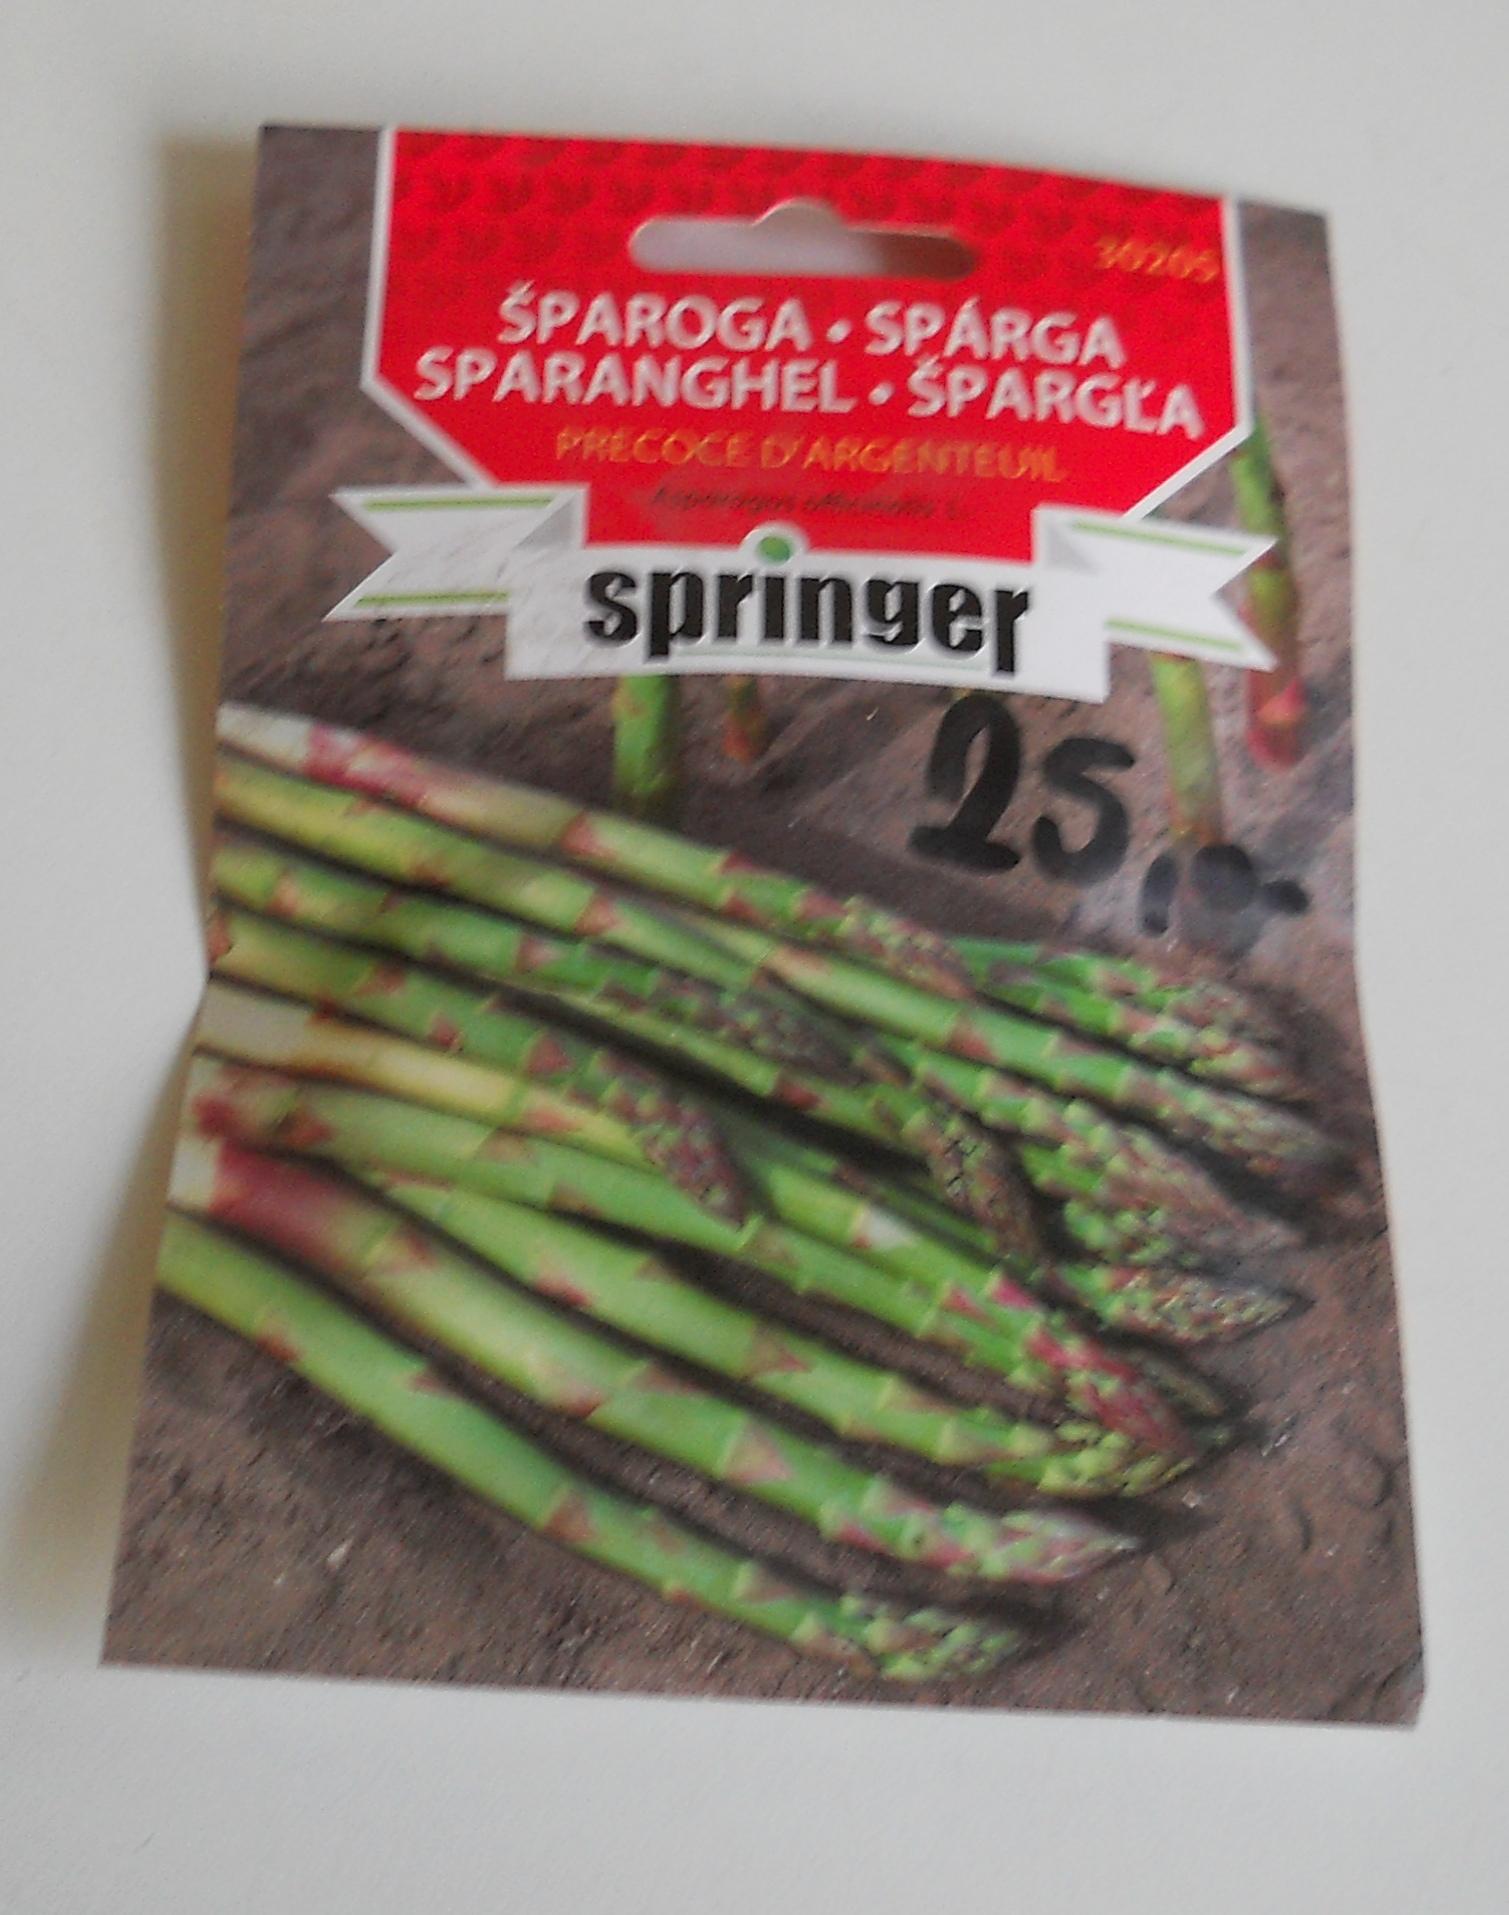 Springer Šparoga 1g